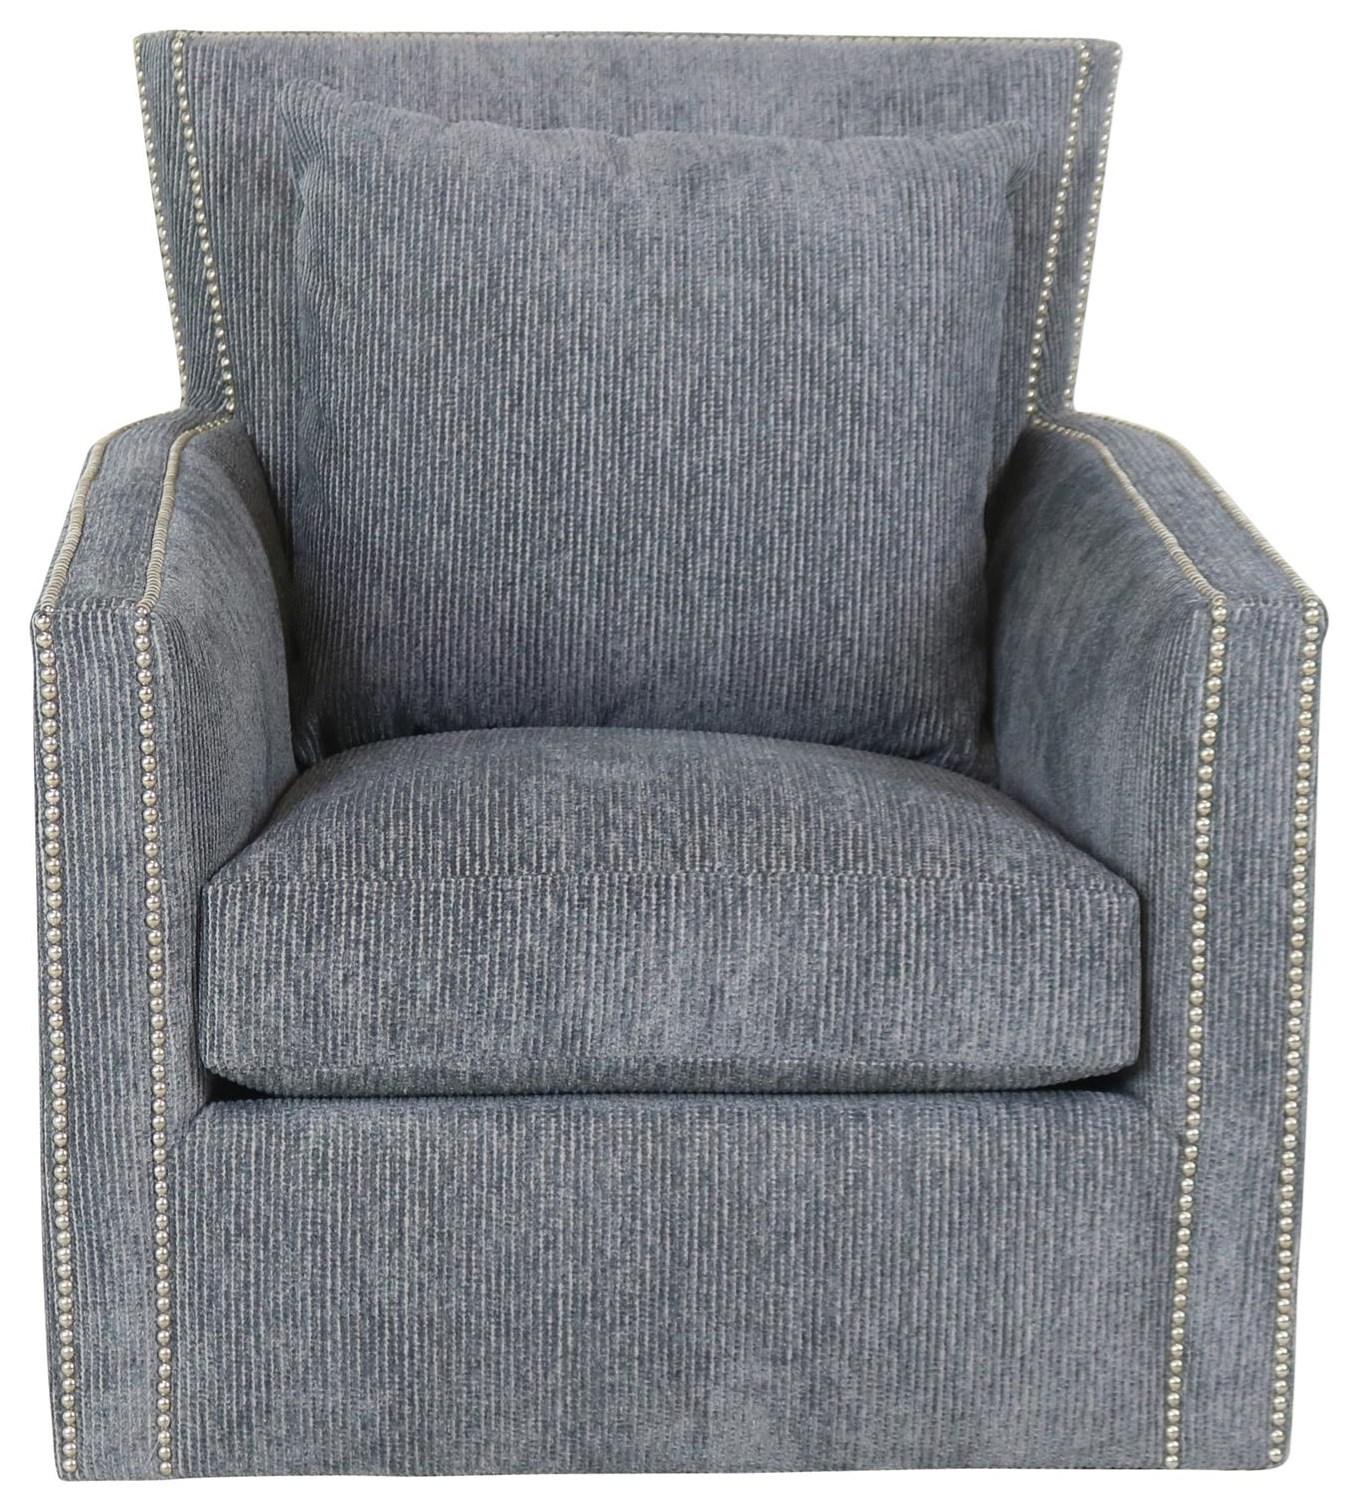 7721 Swivel Chair by Geoffrey Alexander at Sprintz Furniture